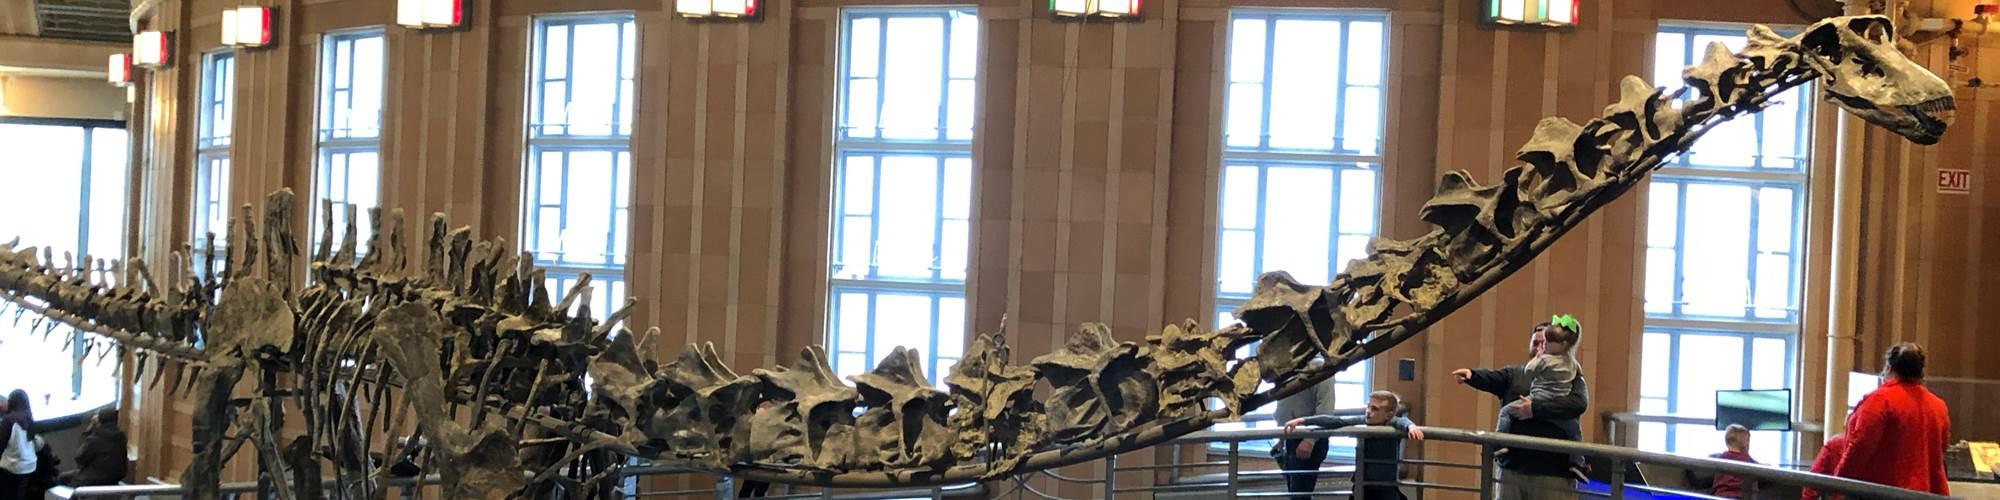 composite casts for dinosaur skeletons